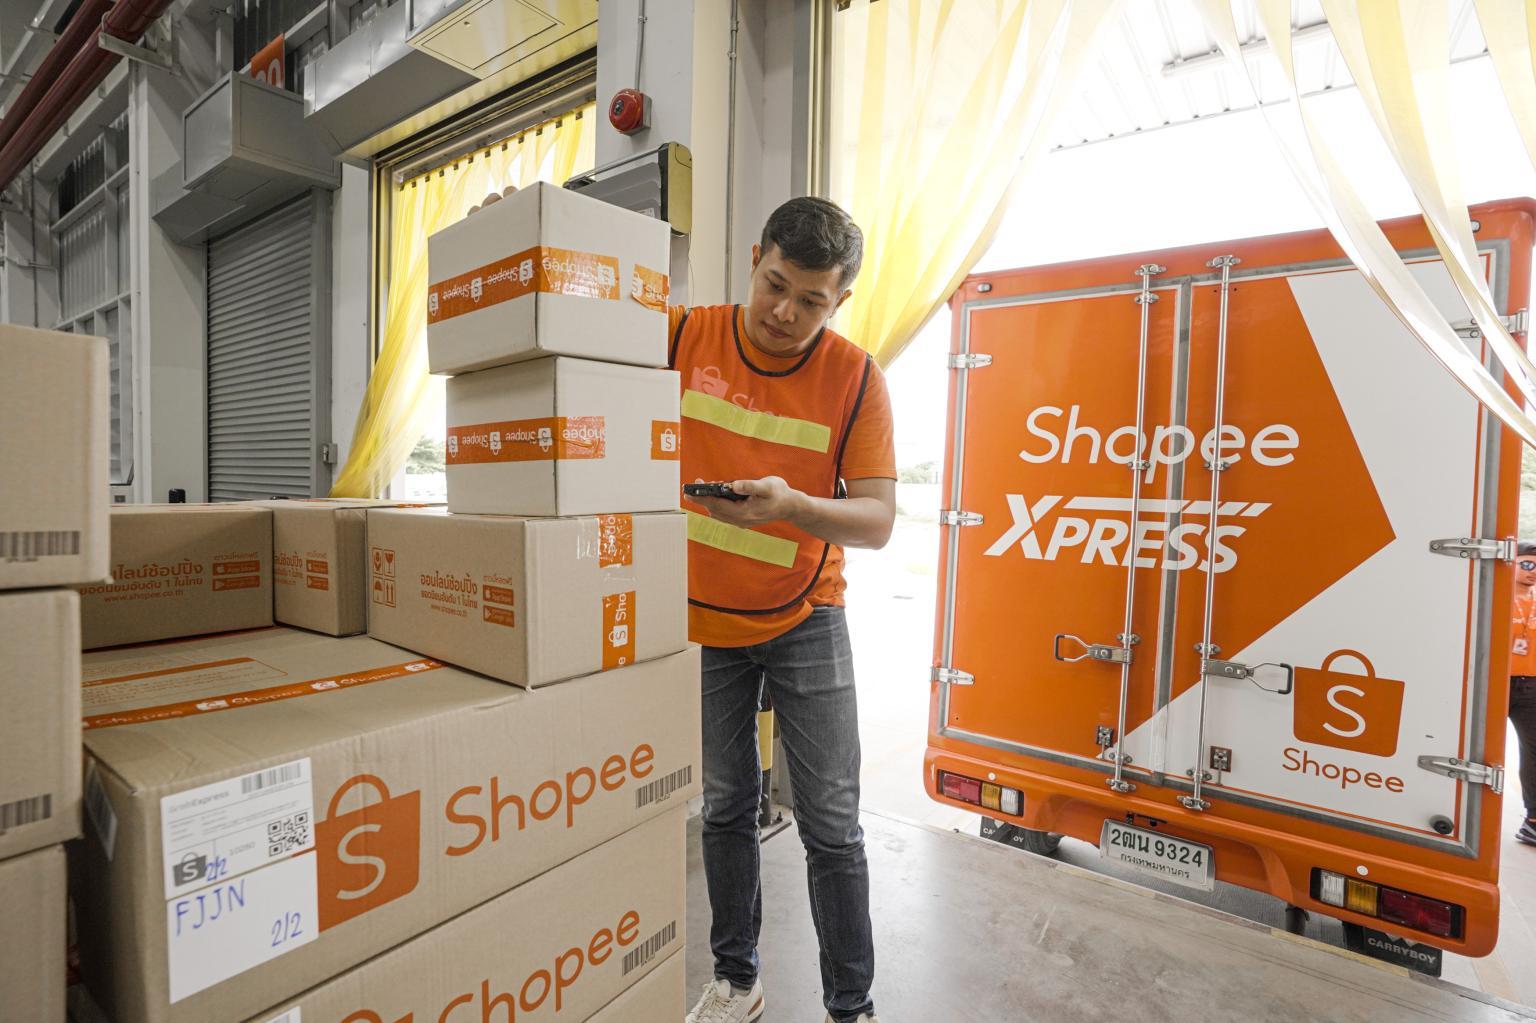 Shopee配送网络协同发力,缓解末端物流压力.jpg